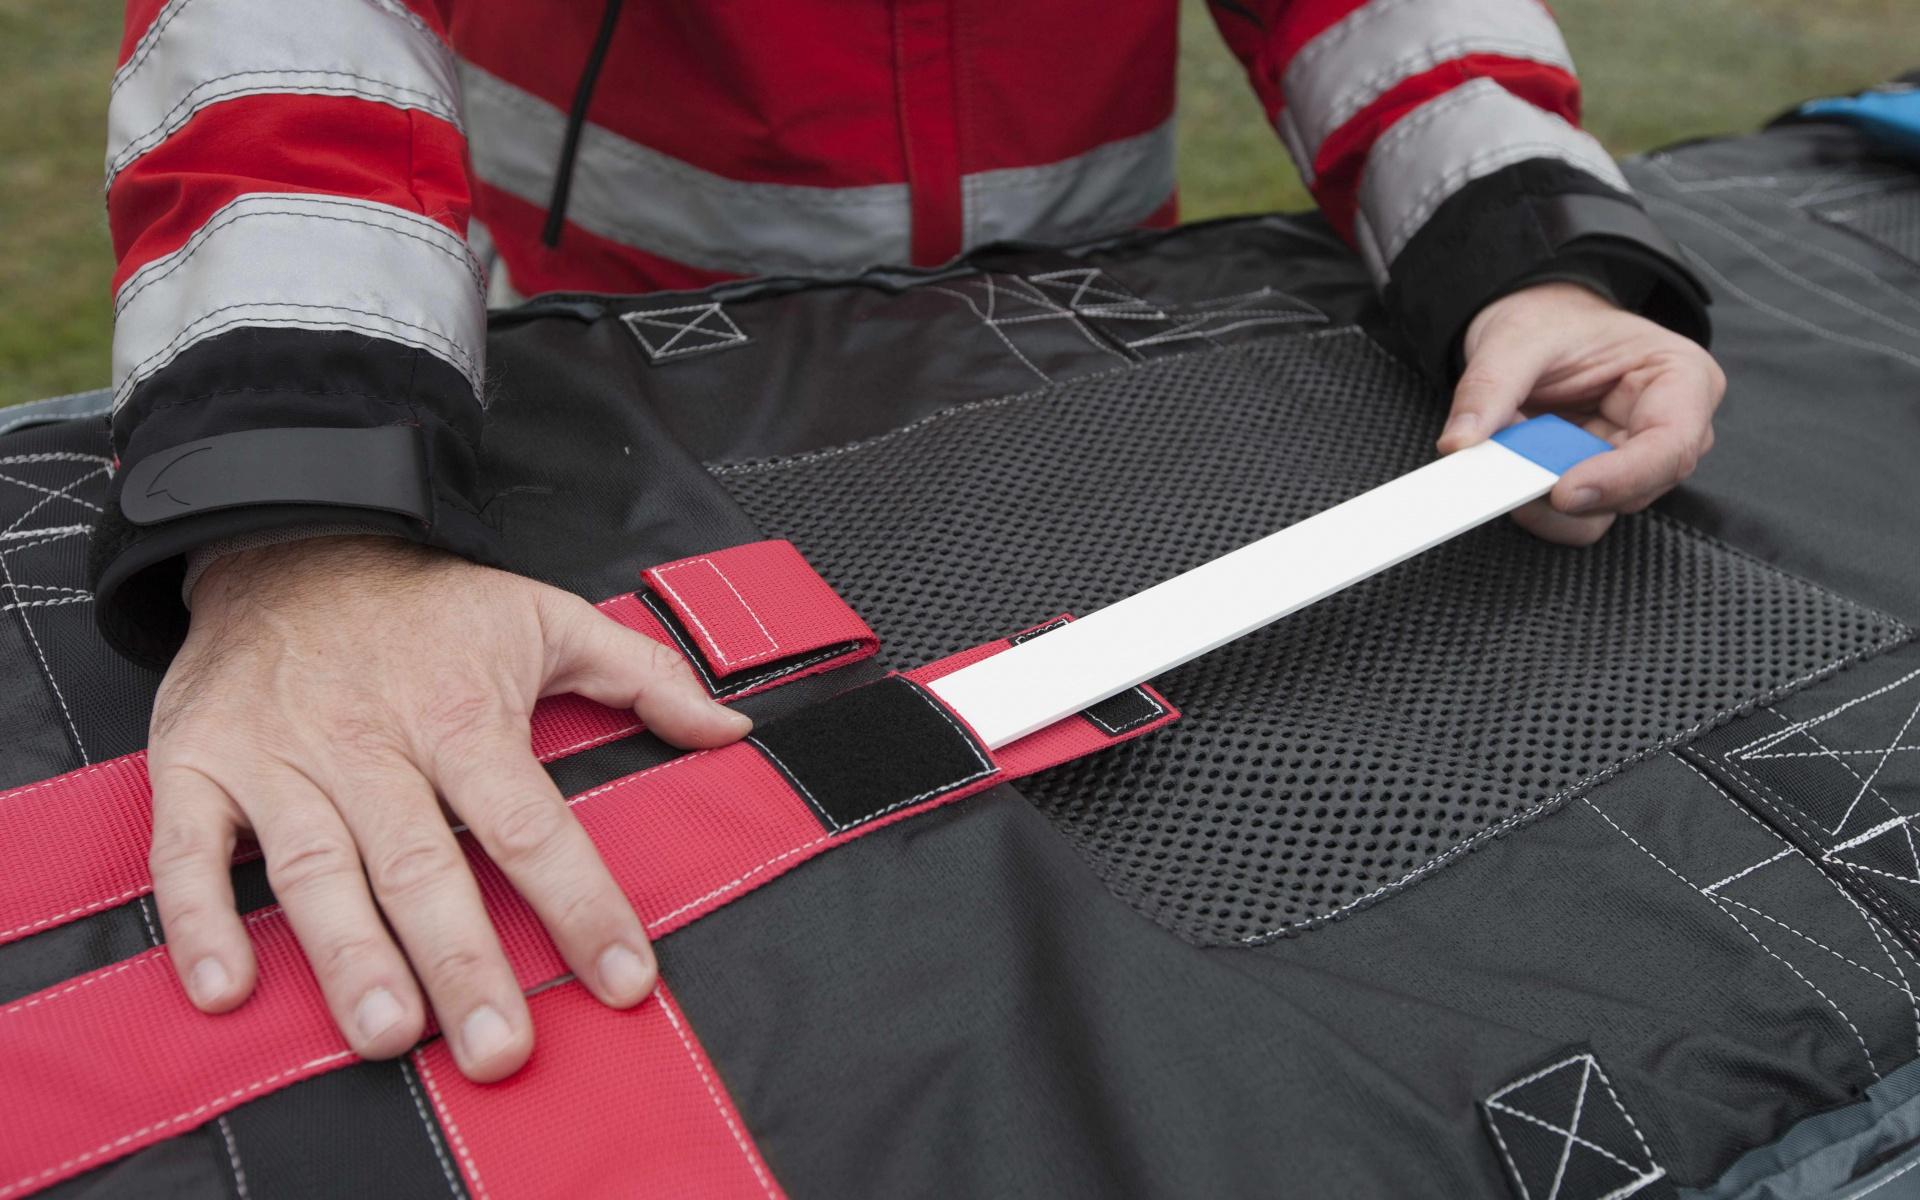 Starker Rückhalt: Extra verstärkte Einlagen in der Thermo-Schutzhülle stabilisieren den Oberkörper der Patienten. So liegen sie bequem, auch wenn die Besatzung sie weite Strecken tragen muss.